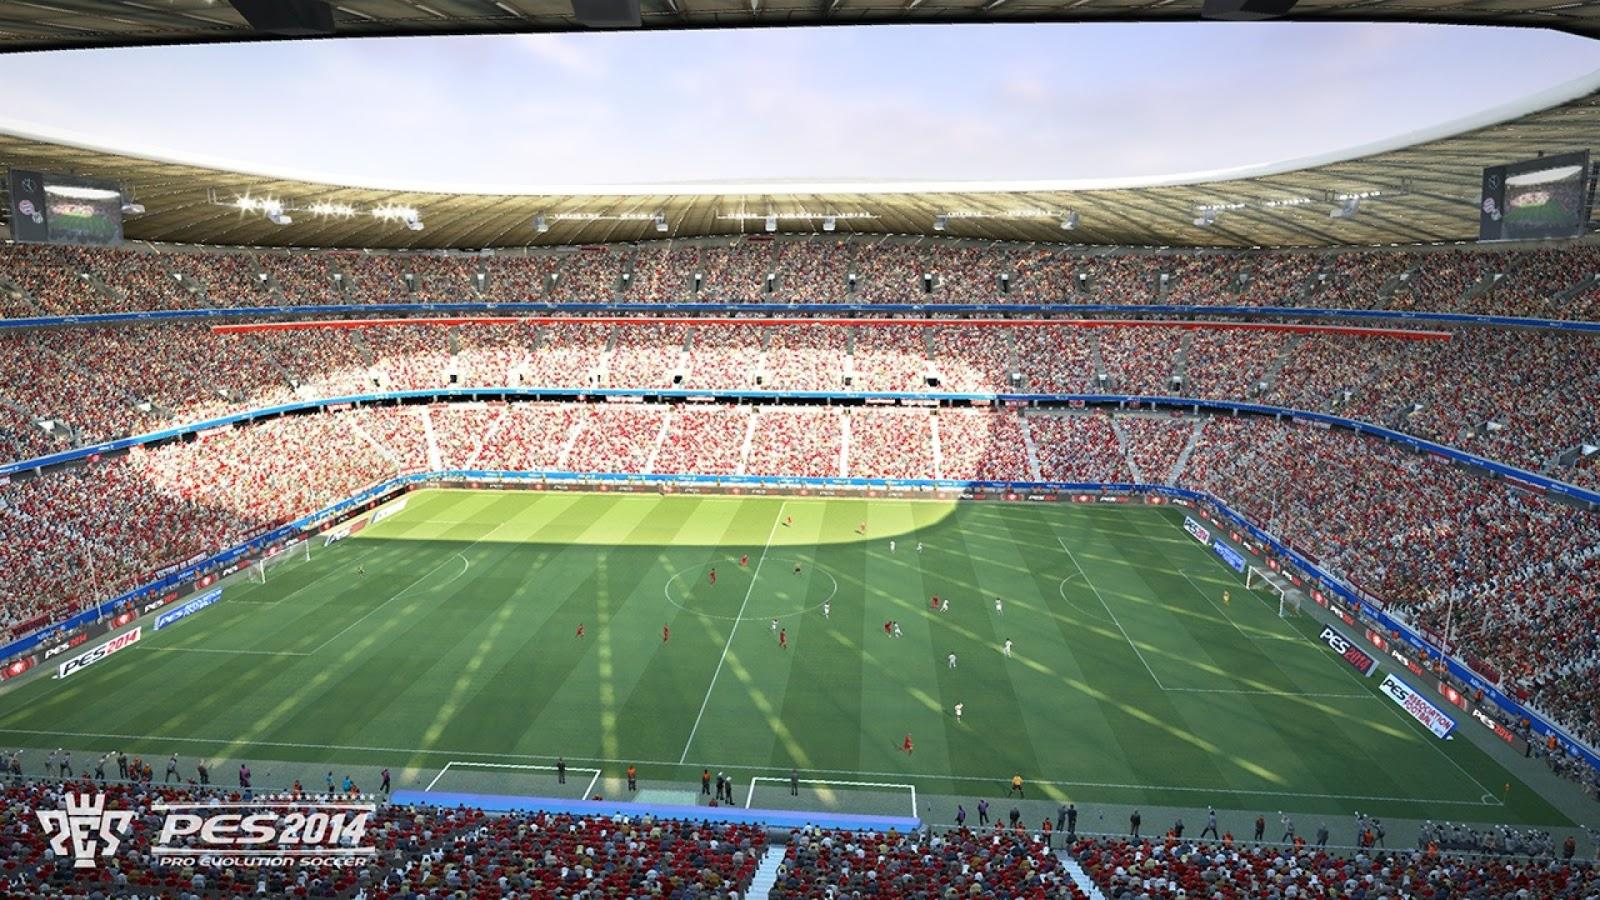 Liberadas cinco novas imagens do Pro Evolution Soccer 2014 no período da E3